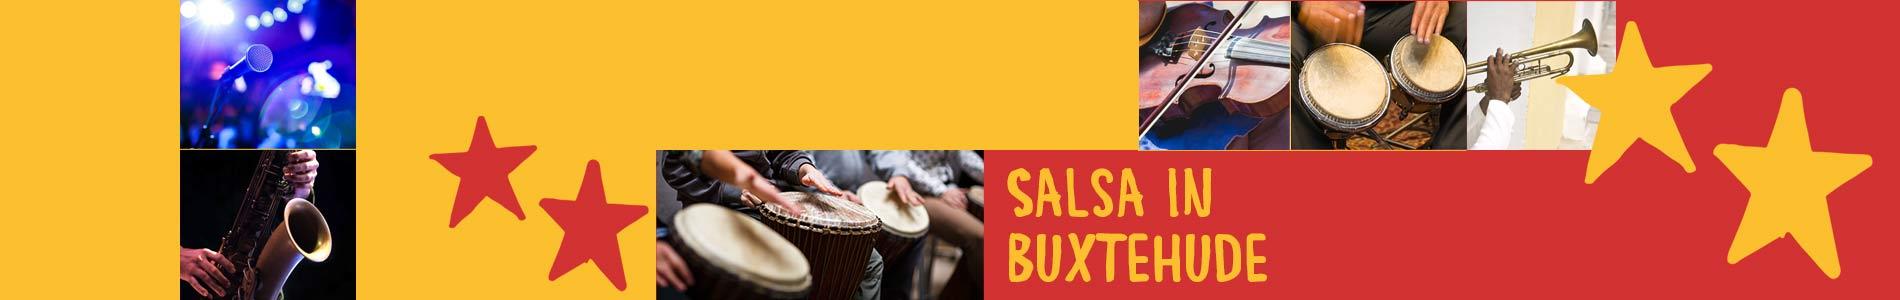 Salsa in Buxtehude – Salsa lernen und tanzen, Tanzkurse, Partys, Veranstaltungen